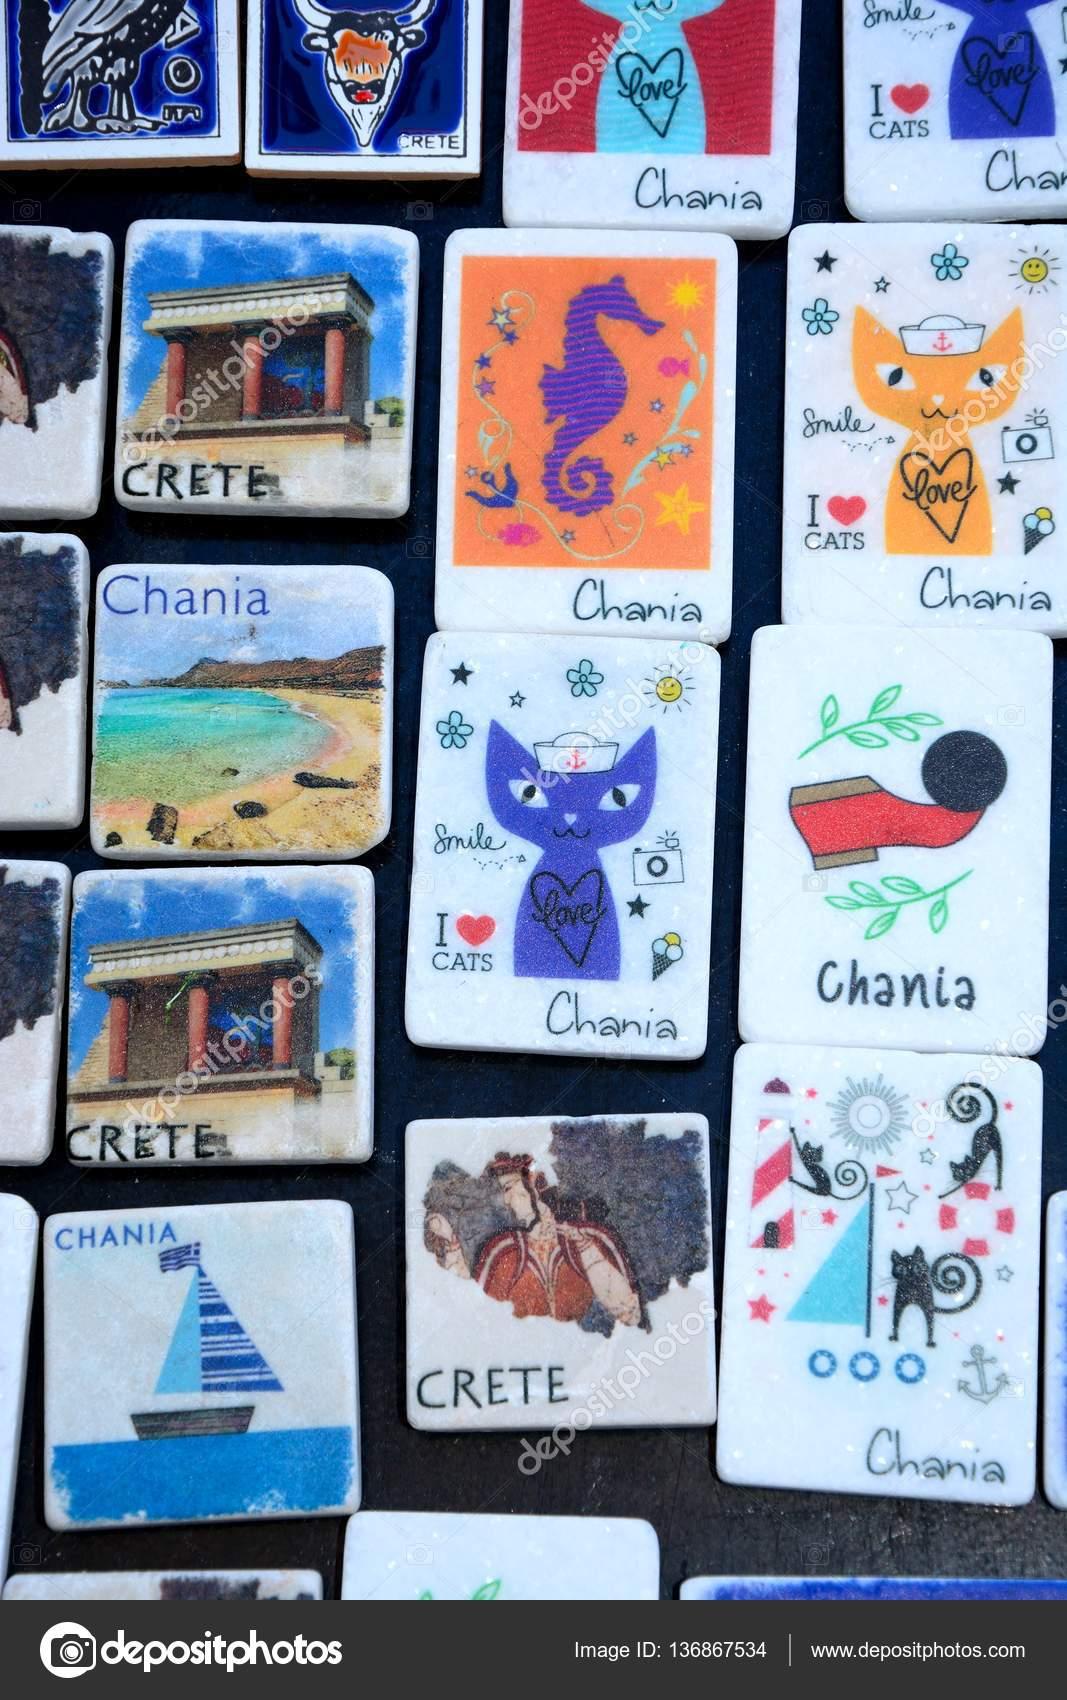 Chania-Kühlschrank-Magnete für Verkauf, Chania, Kreta ...